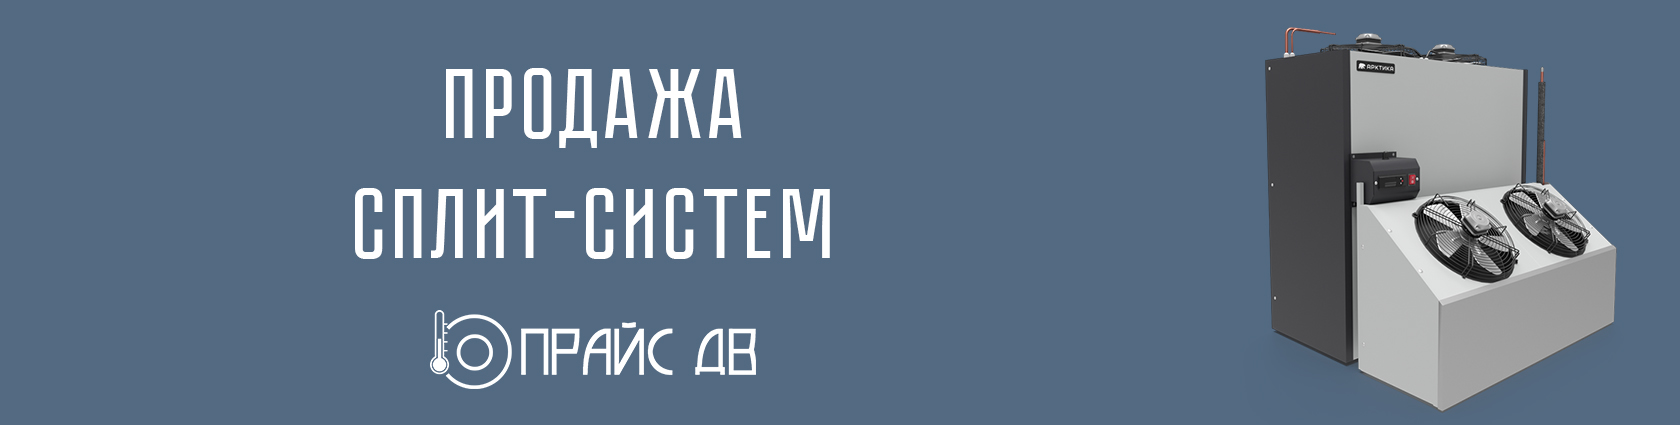 """Сплит-системы в интернет-магазине """"Прайс ДВ"""""""